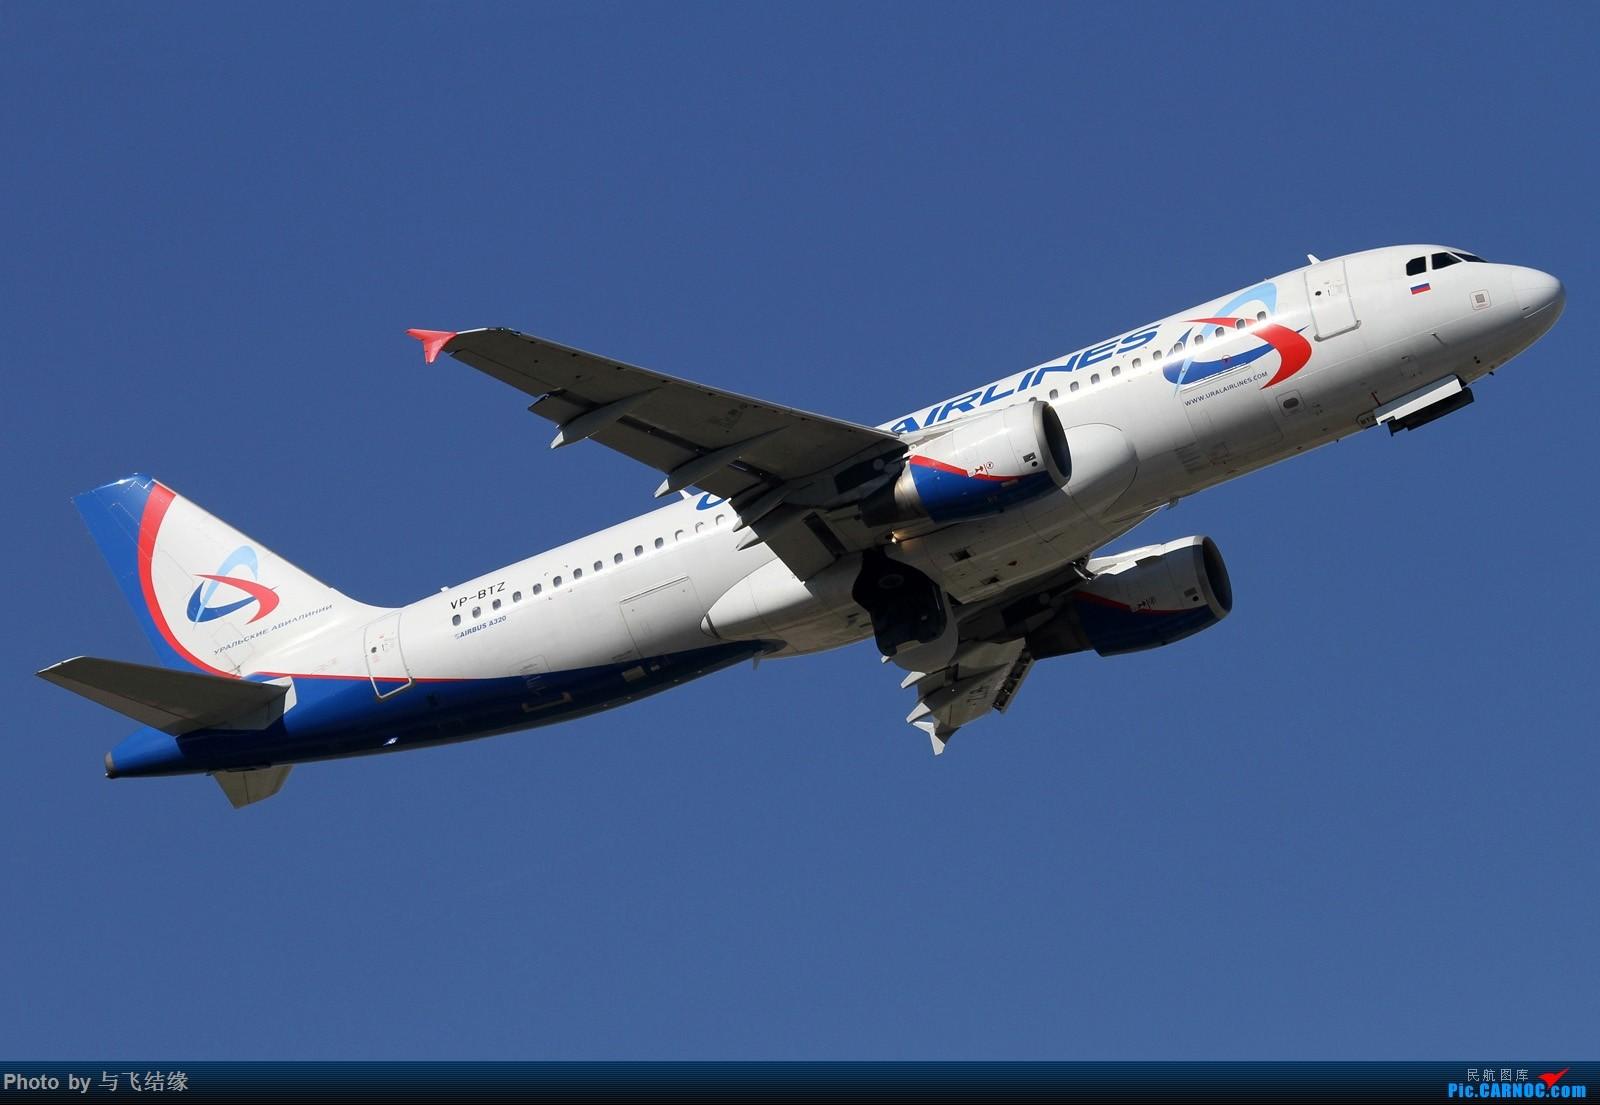 """Re:[原创]BEK蓝天中的""""乌拉尔""""航空Airbus A320两图。 AIRBUS A320 VP-BYZ 中国北京首都国际机场"""